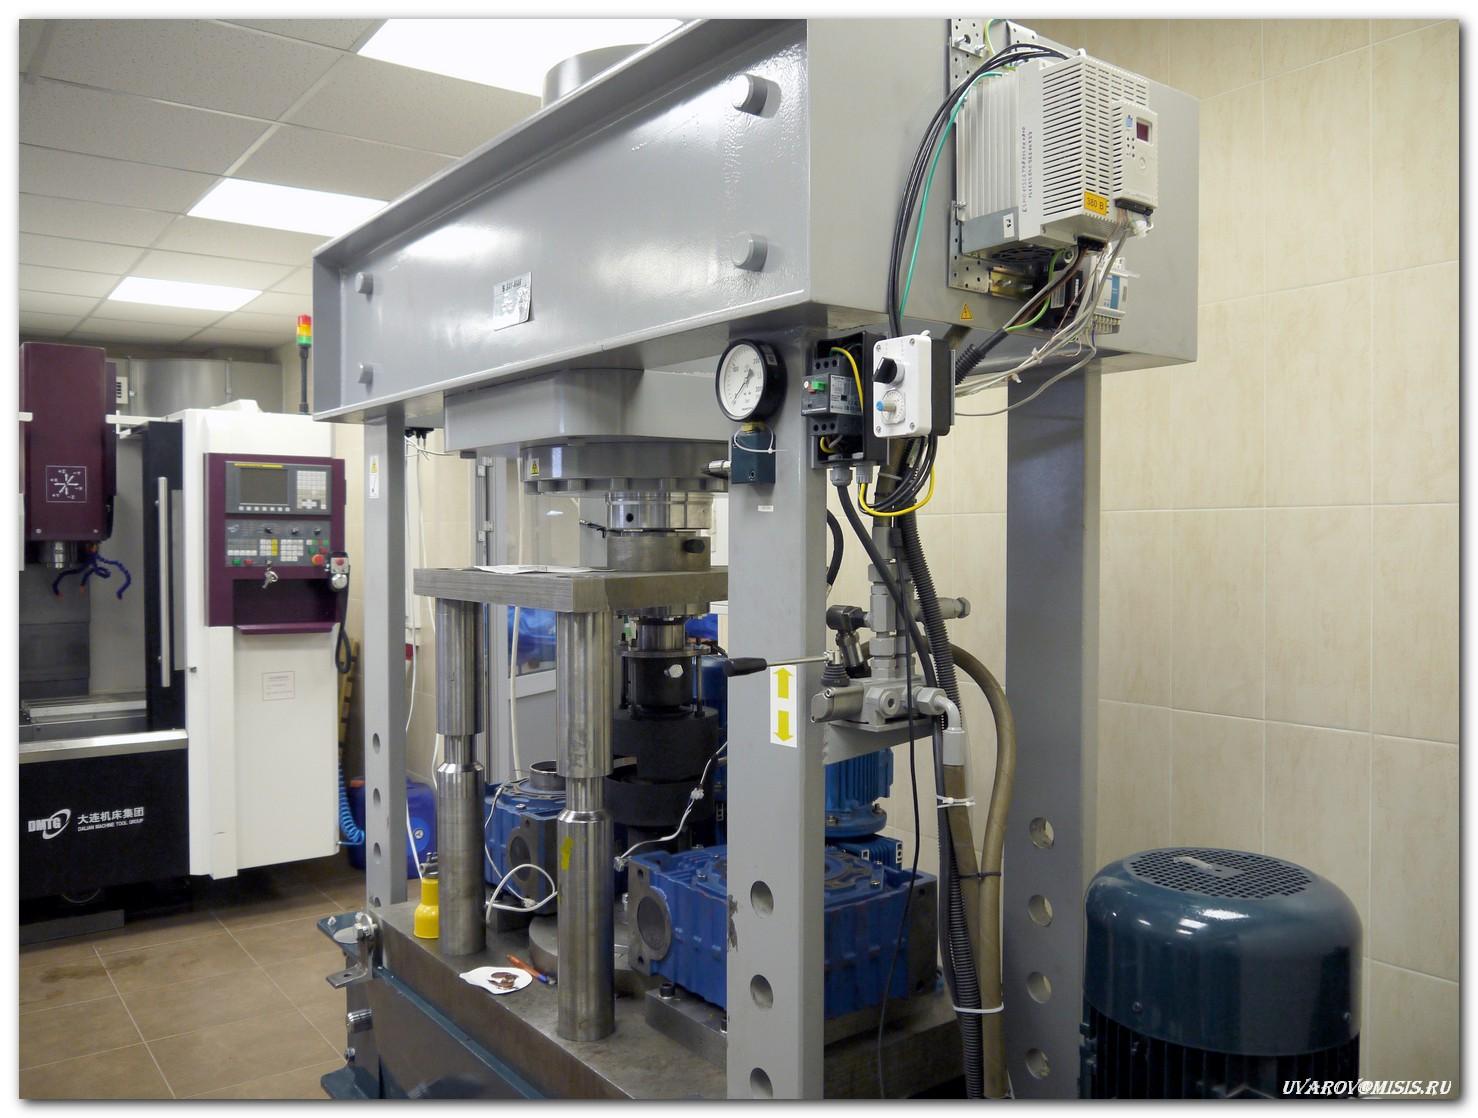 Лаборатории НИТУ «МИСиС»: от разделения наночастиц магнетита до создания квантового компьютера - 17